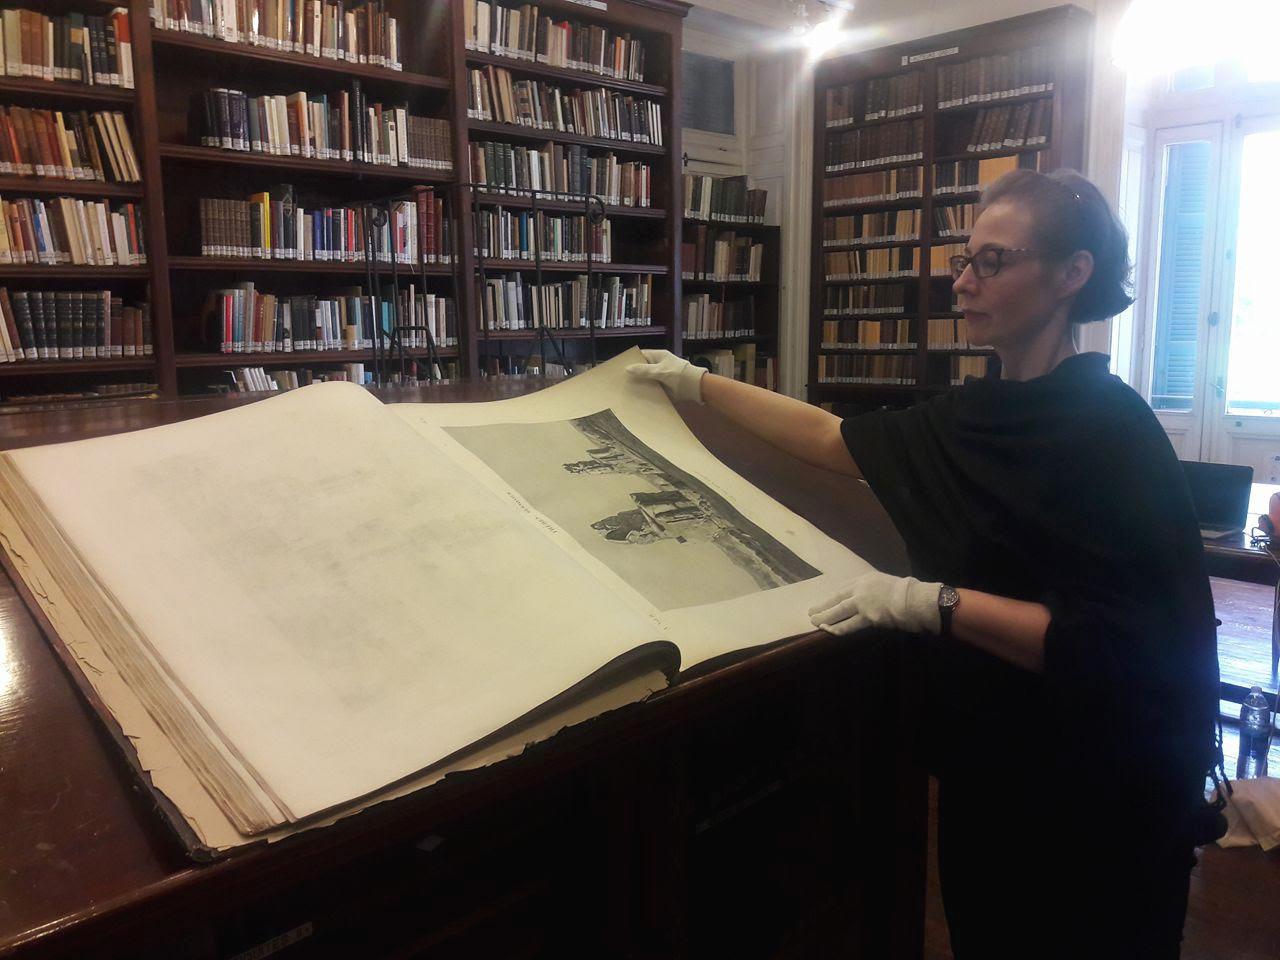 تقلب آنييس بقفازها الأبيض بكل إجلال صفحات كتاب وصف مصر